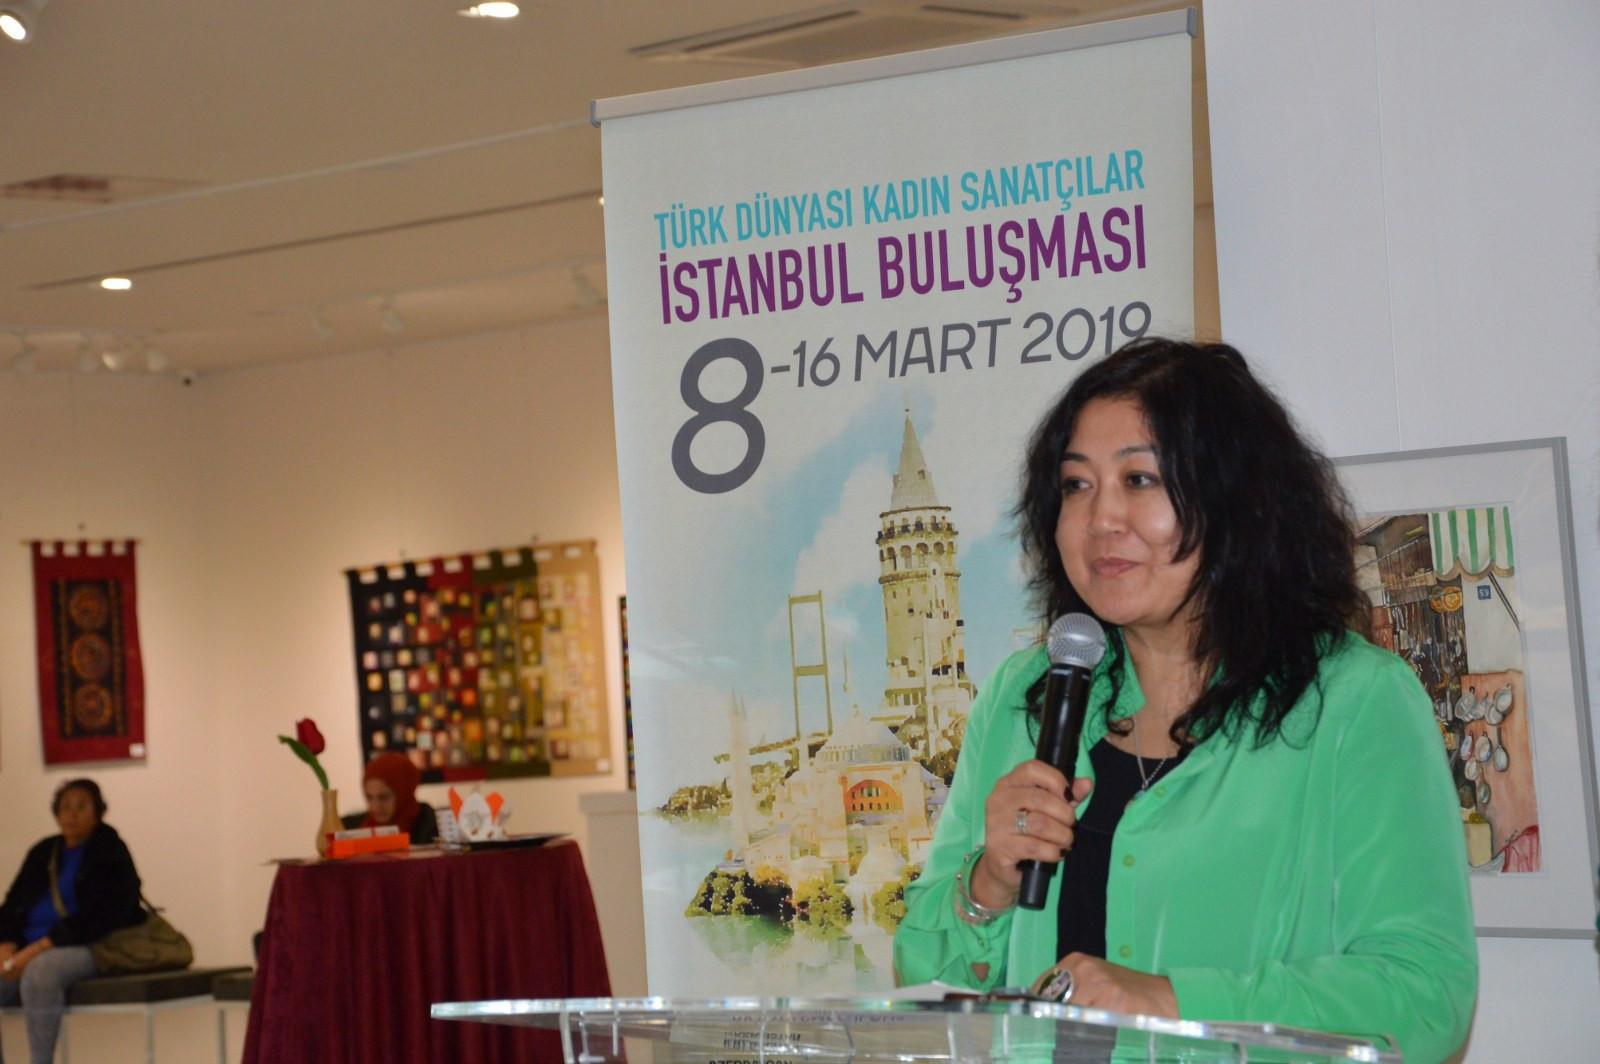 Türk Dünyasından Kadın Sanatçılar İstanbul'da Buluştu Galeri - 3. Resim